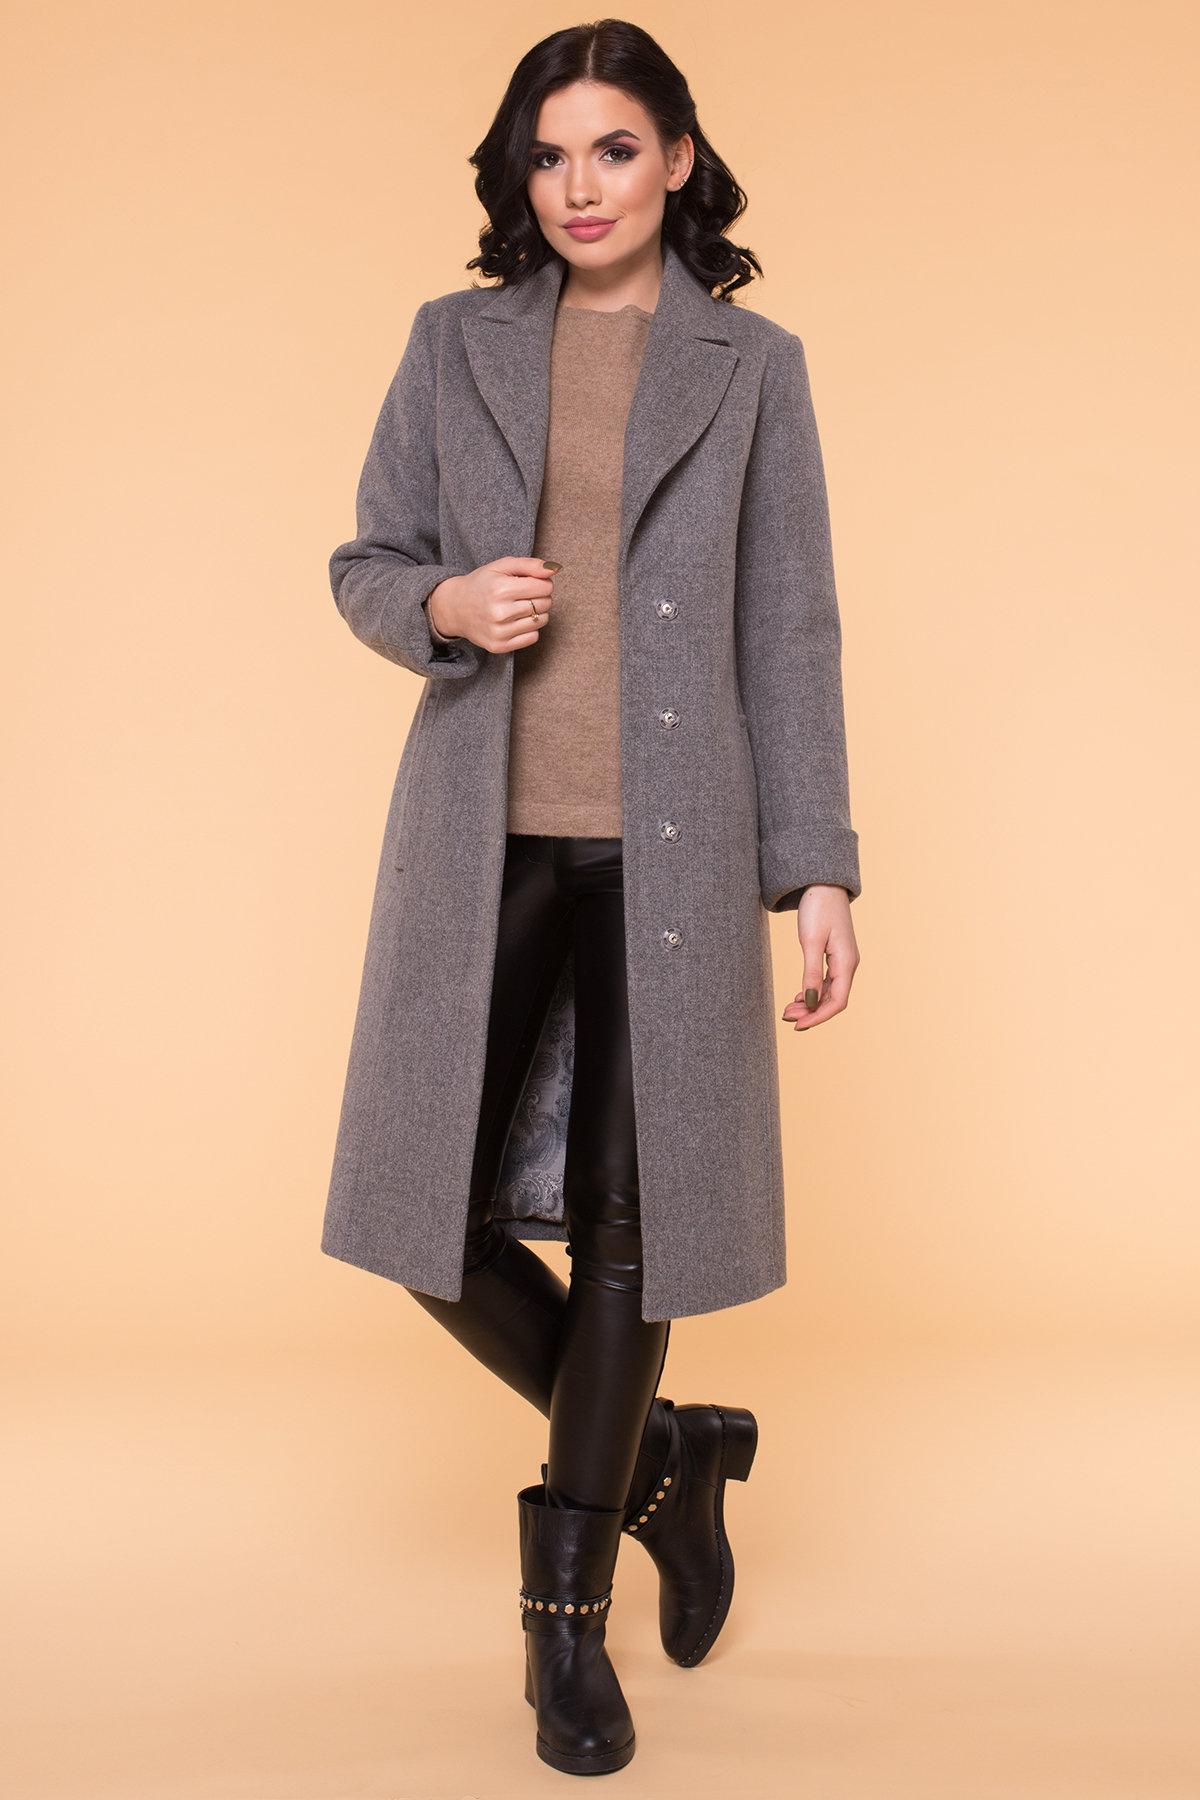 Пальто Лесли 6262 АРТ. 41034 Цвет: Серый 18 - фото 5, интернет магазин tm-modus.ru